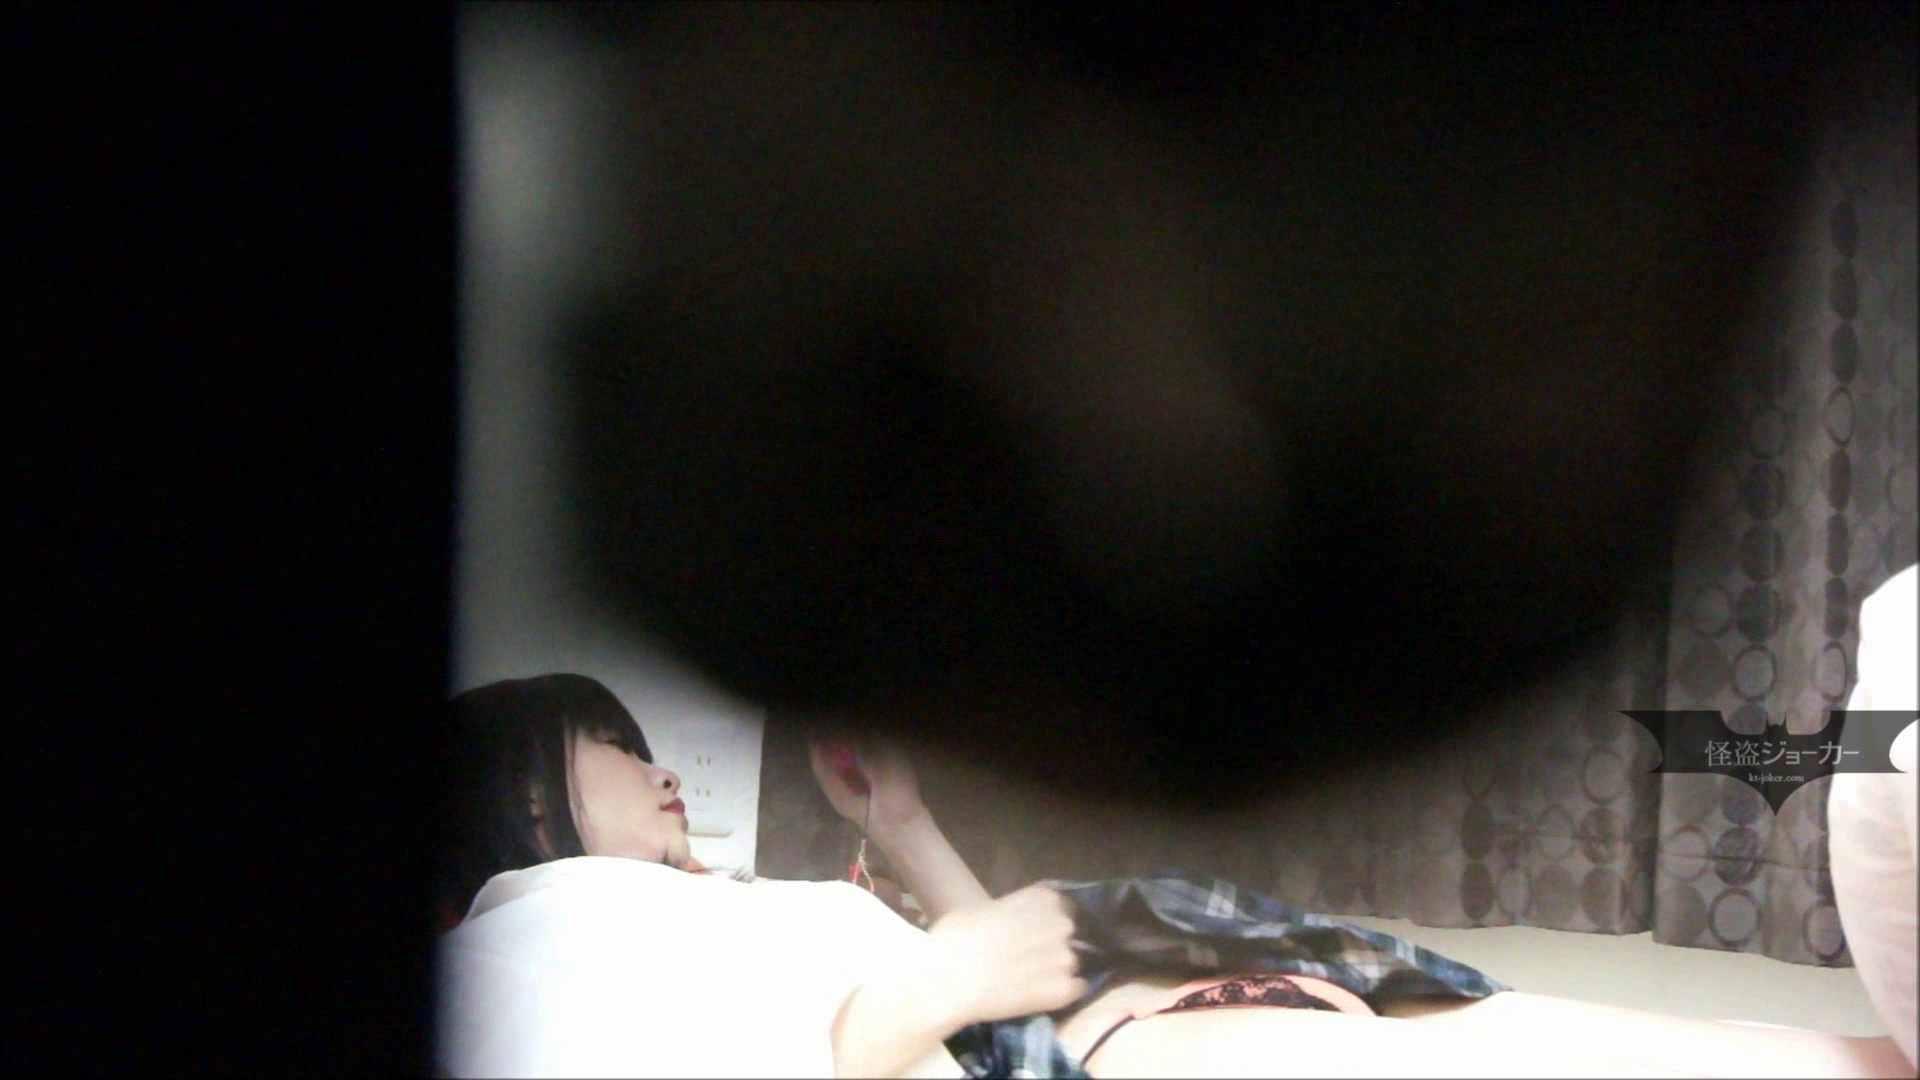 【未公開】vol.54【小春】脱衣所とオナニー隠し撮り オナニー  92pic 27